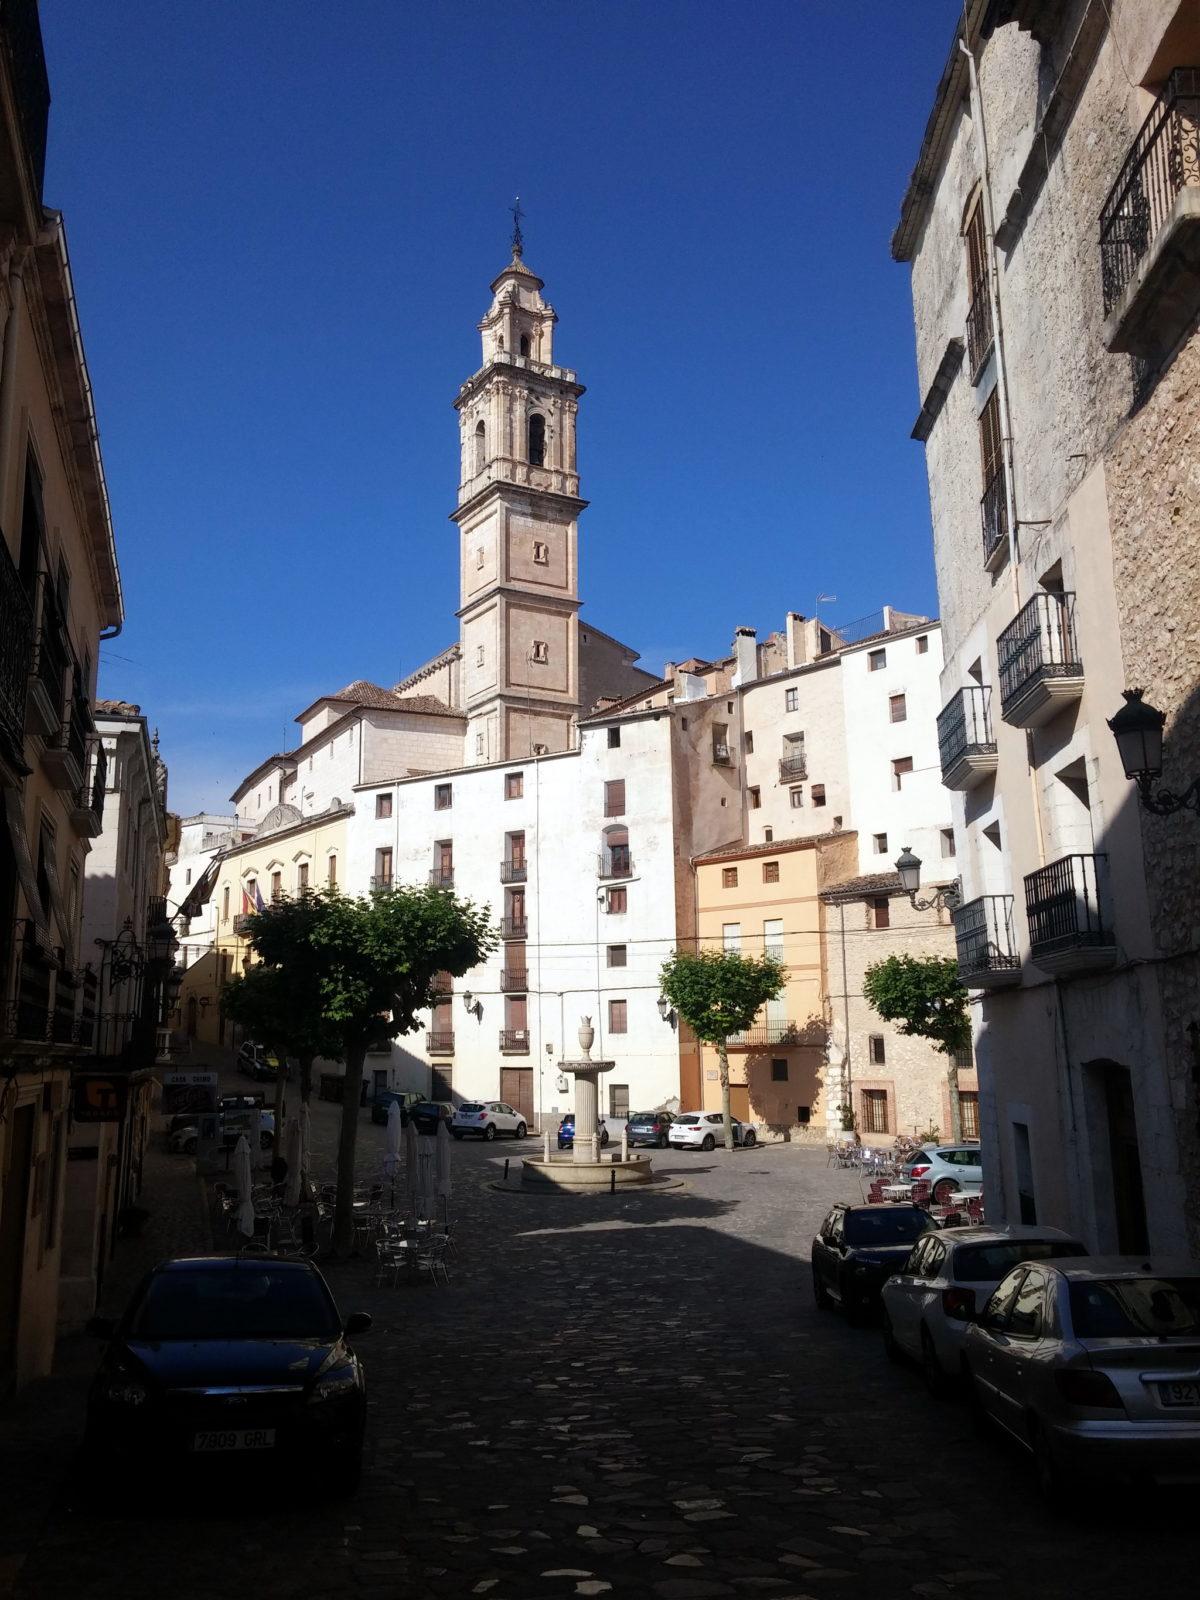 Идея небольшого путешествия в Испанию 29